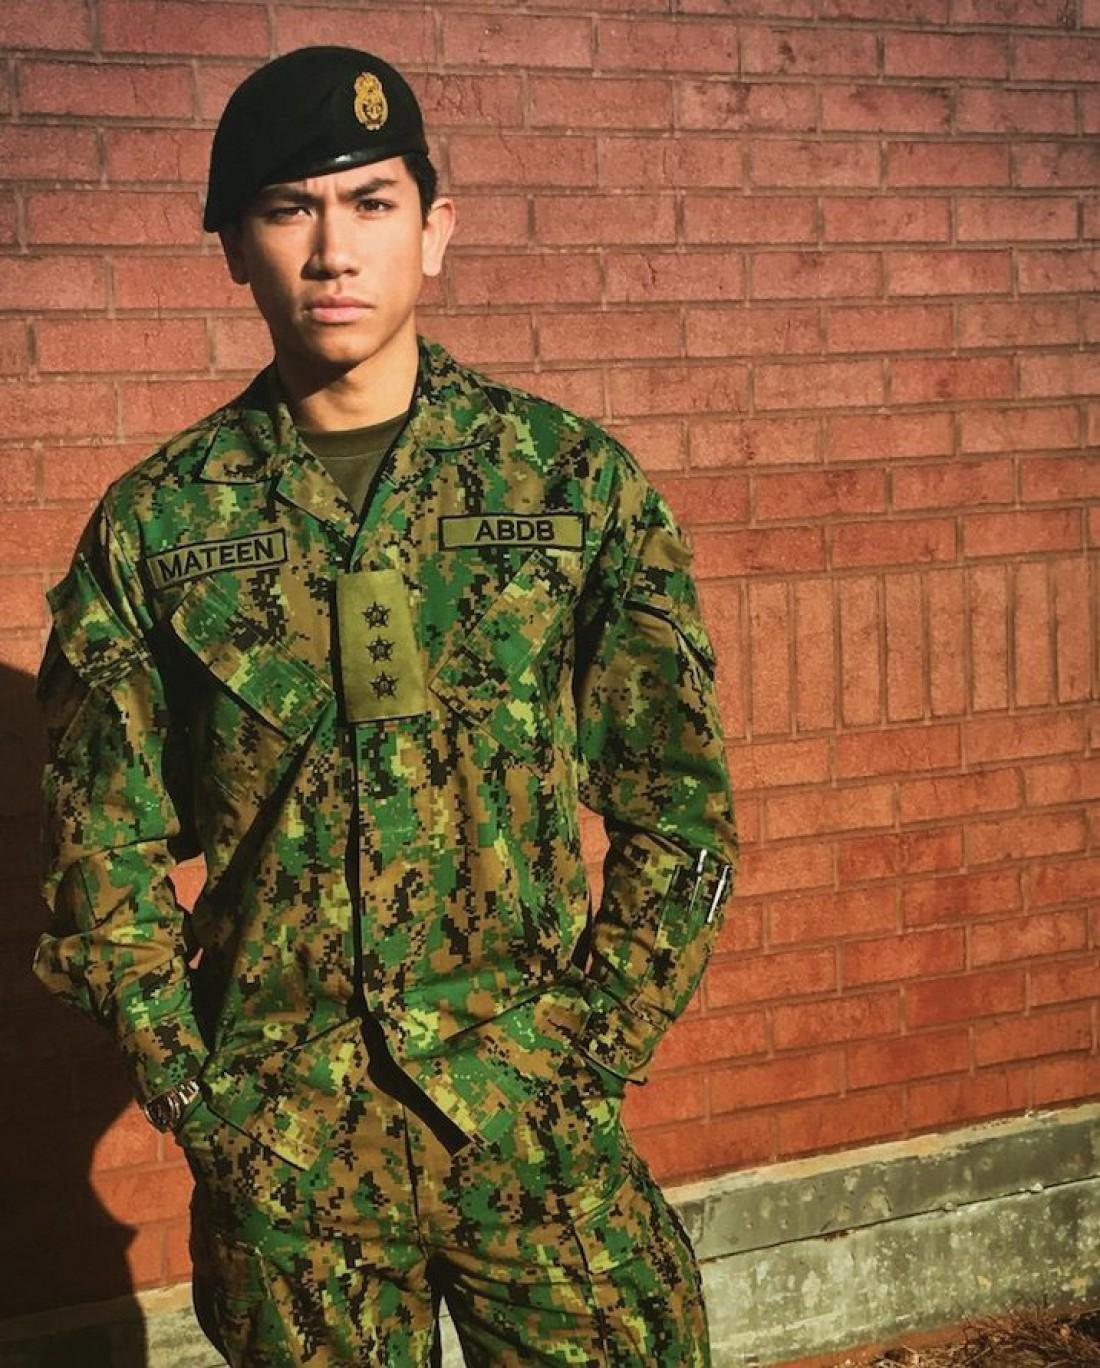 Новый любимец девушек со всего мира в 2011 году окончил Королевскую военную академию в Сандхерсте в